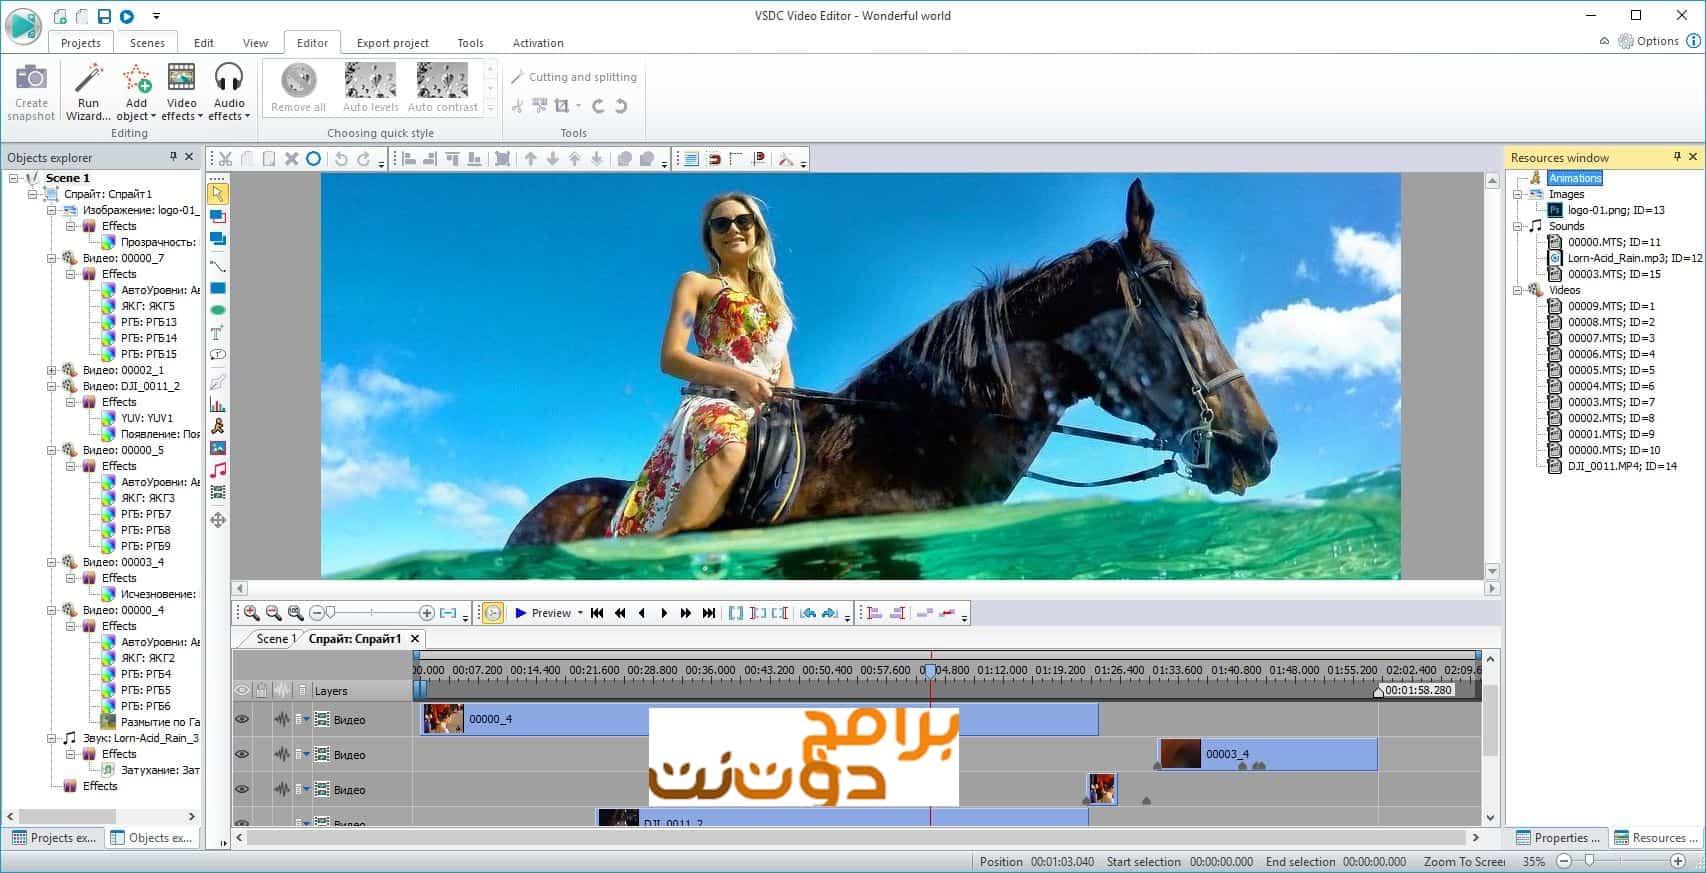 برنامج VSDC Free Video Editor لتعديل الفيديو واضافة التأثيرات